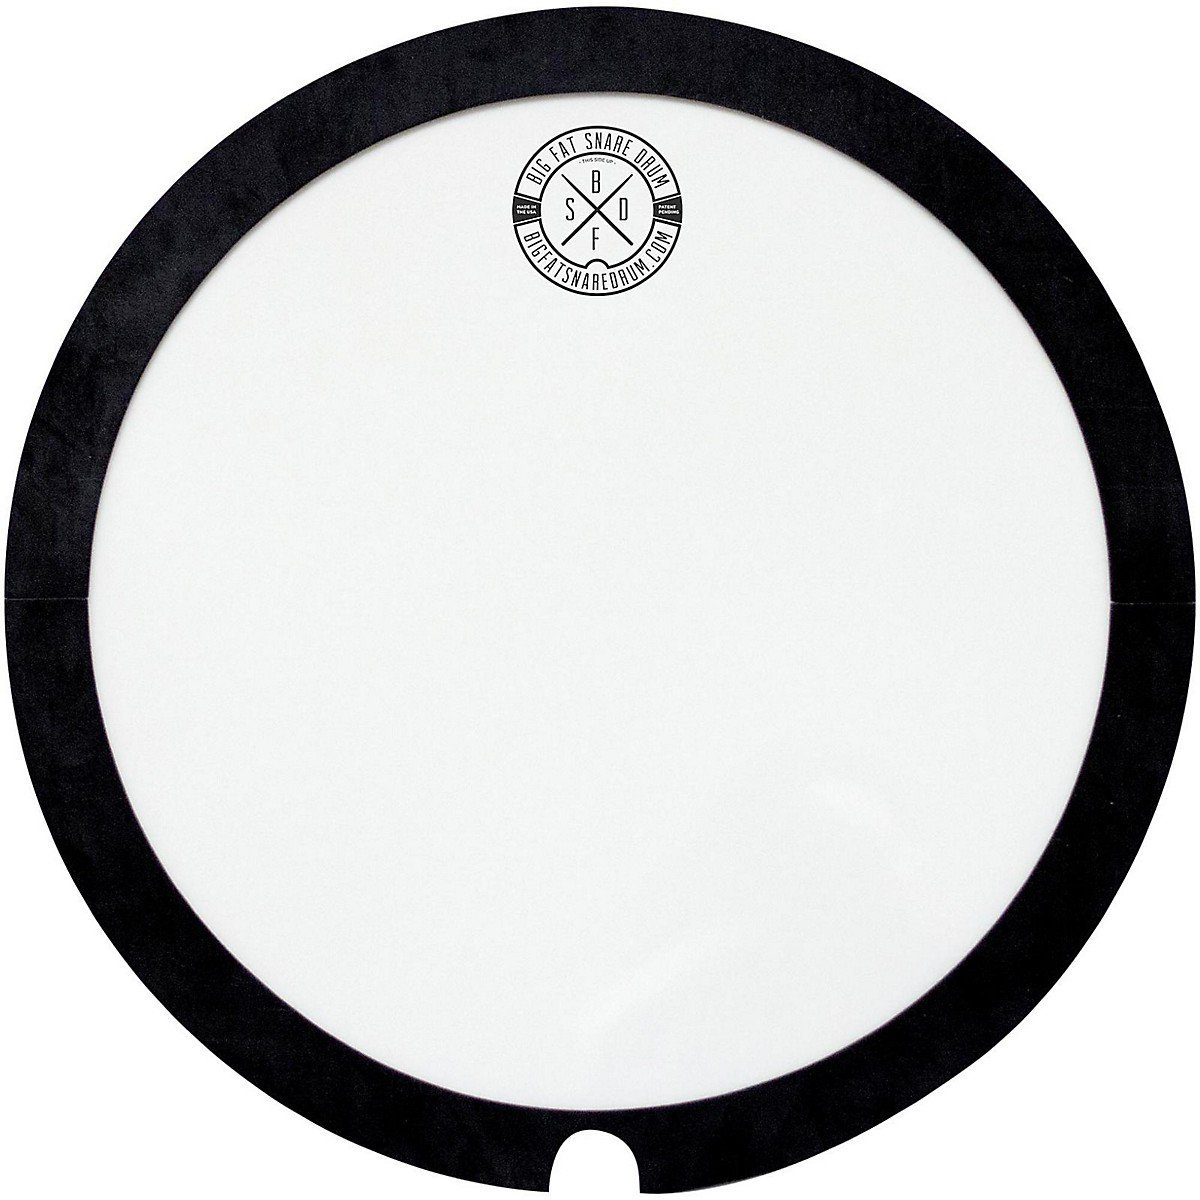 """Big Fat Snare Drum The Original Big Fat Snare Drum, 13"""" by Big Fat Snare Drum"""